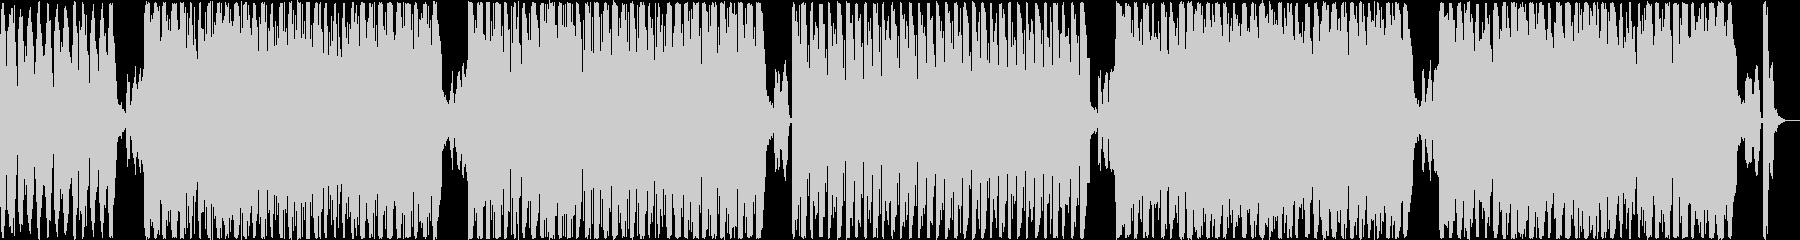 サンバ・デ・ジャネイロのようなBGMの未再生の波形